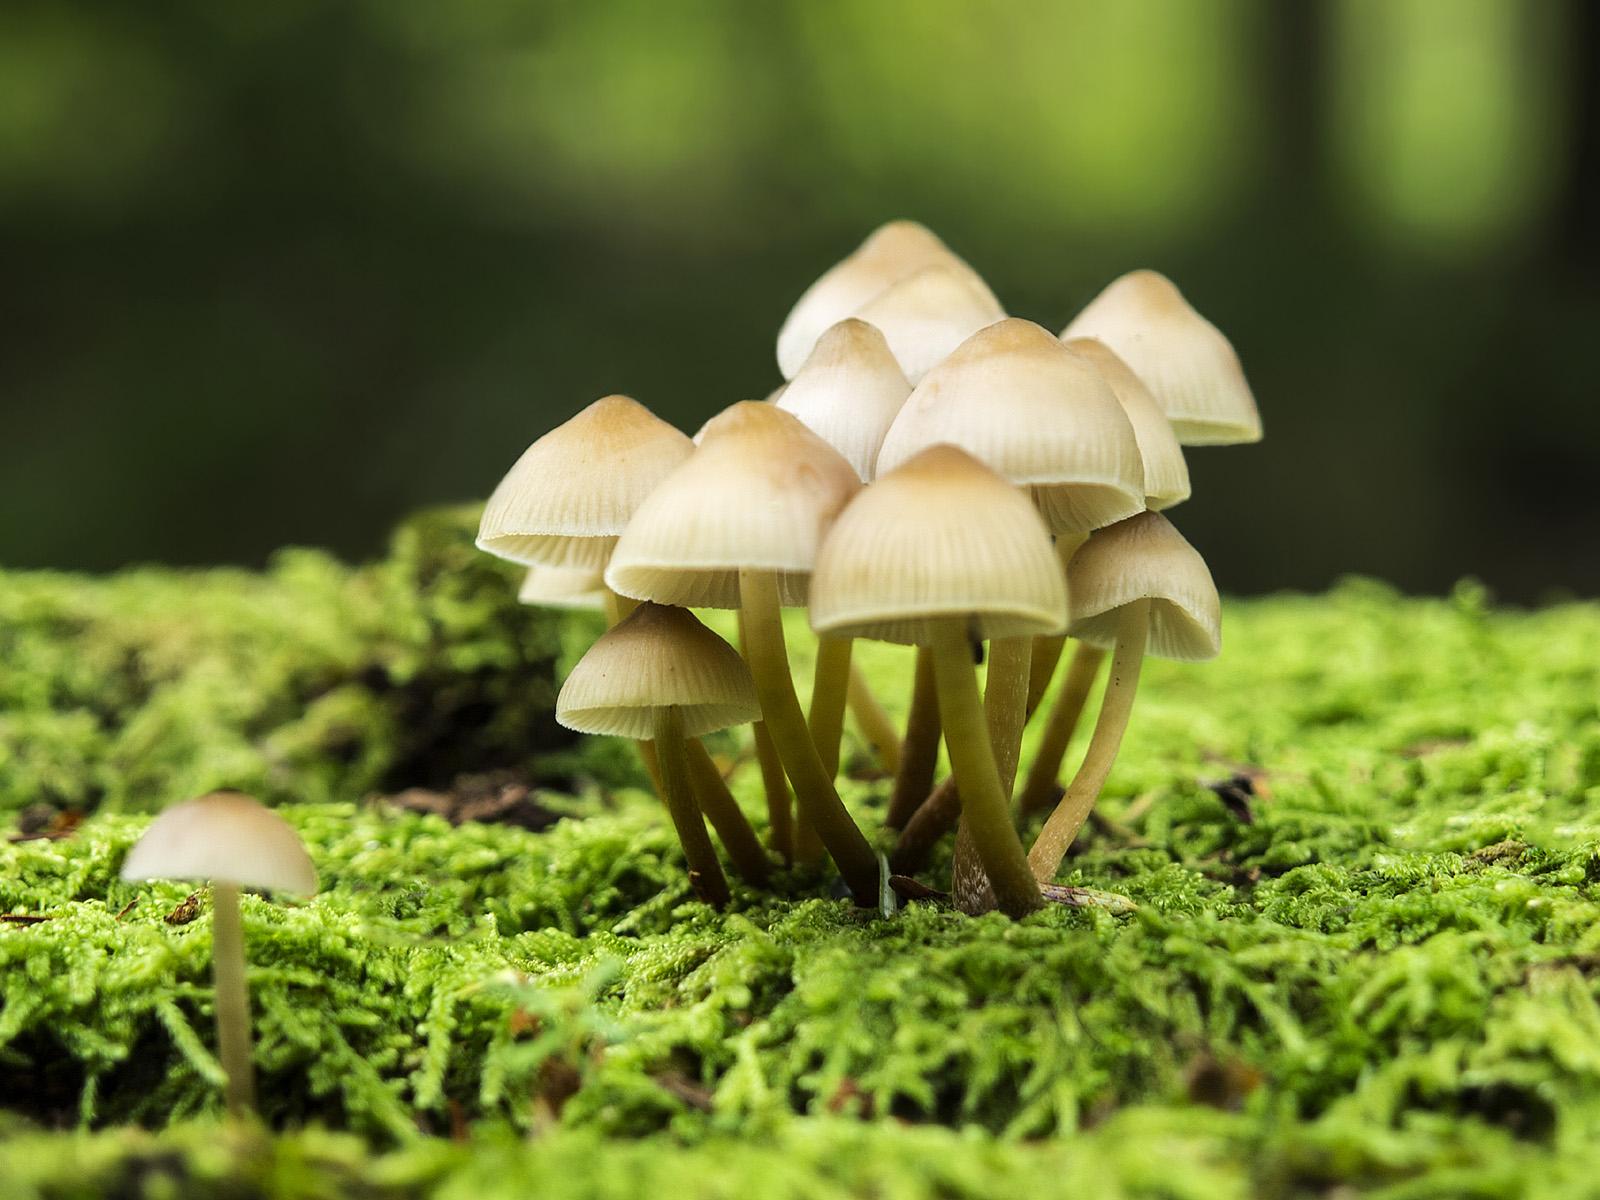 Wild mushrooms 49395 - Mushroom fungus - Harvest season